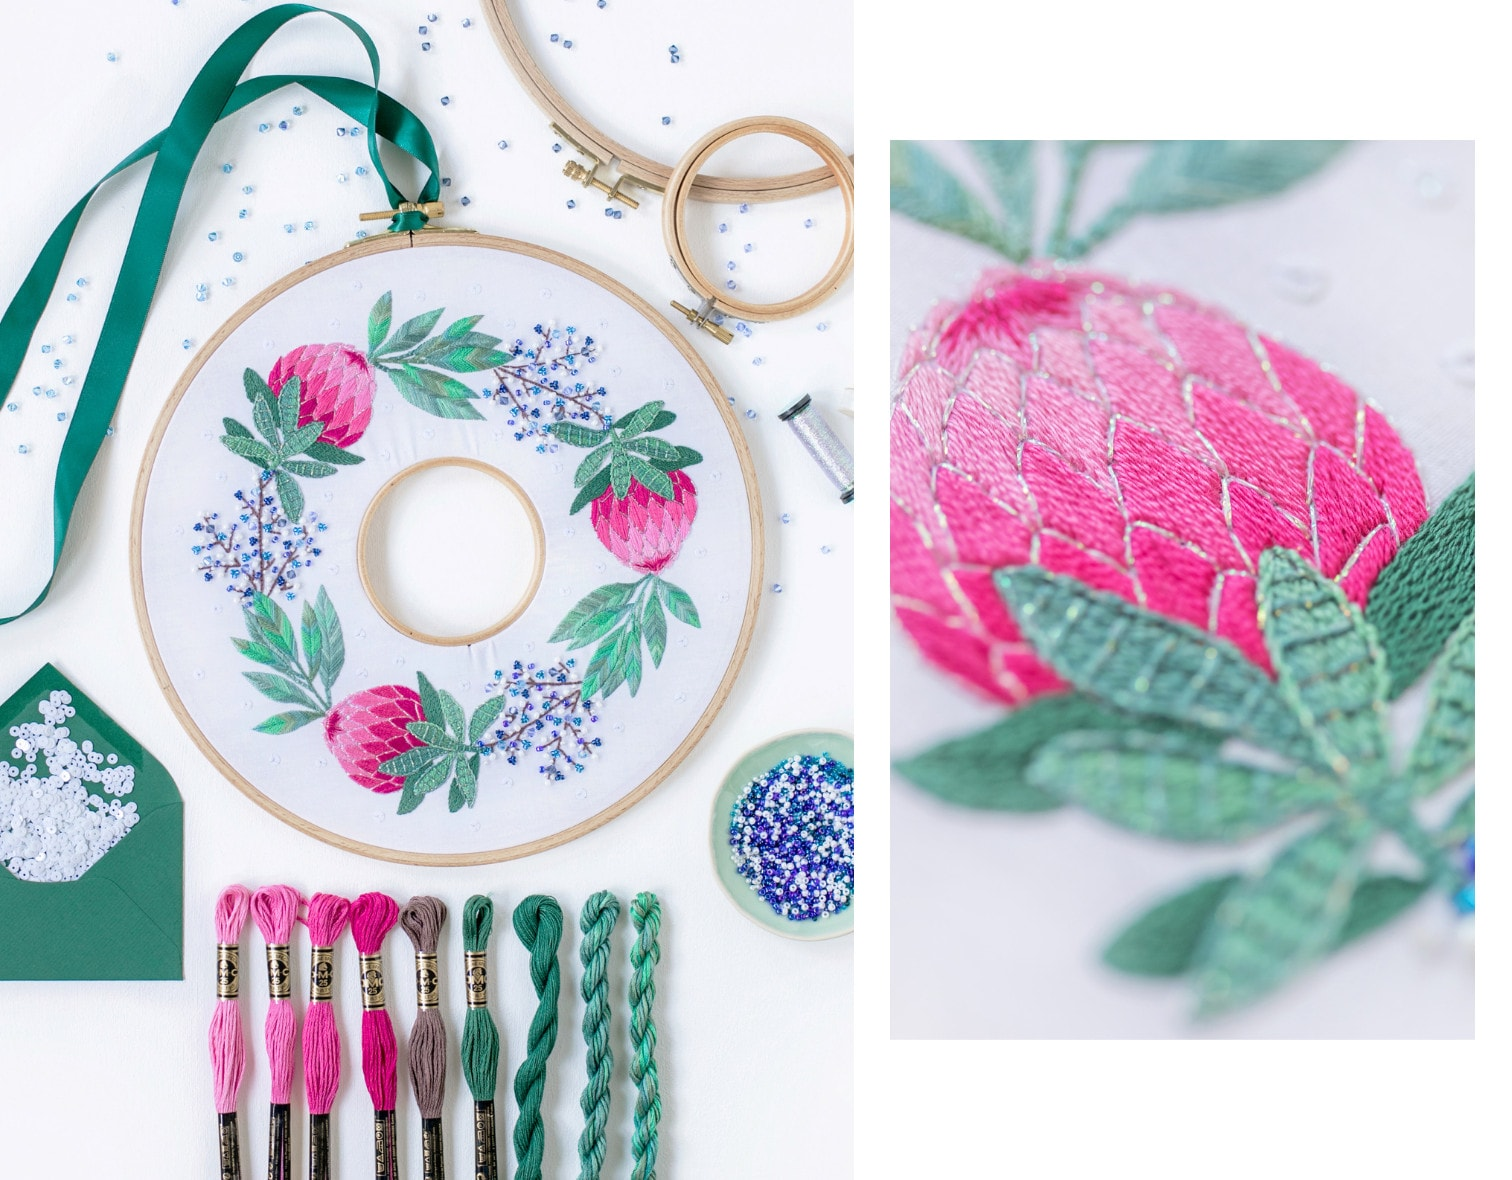 Stickkurs Weihnachten: Kranz sticken mit Perlen, Blumen und Blättern